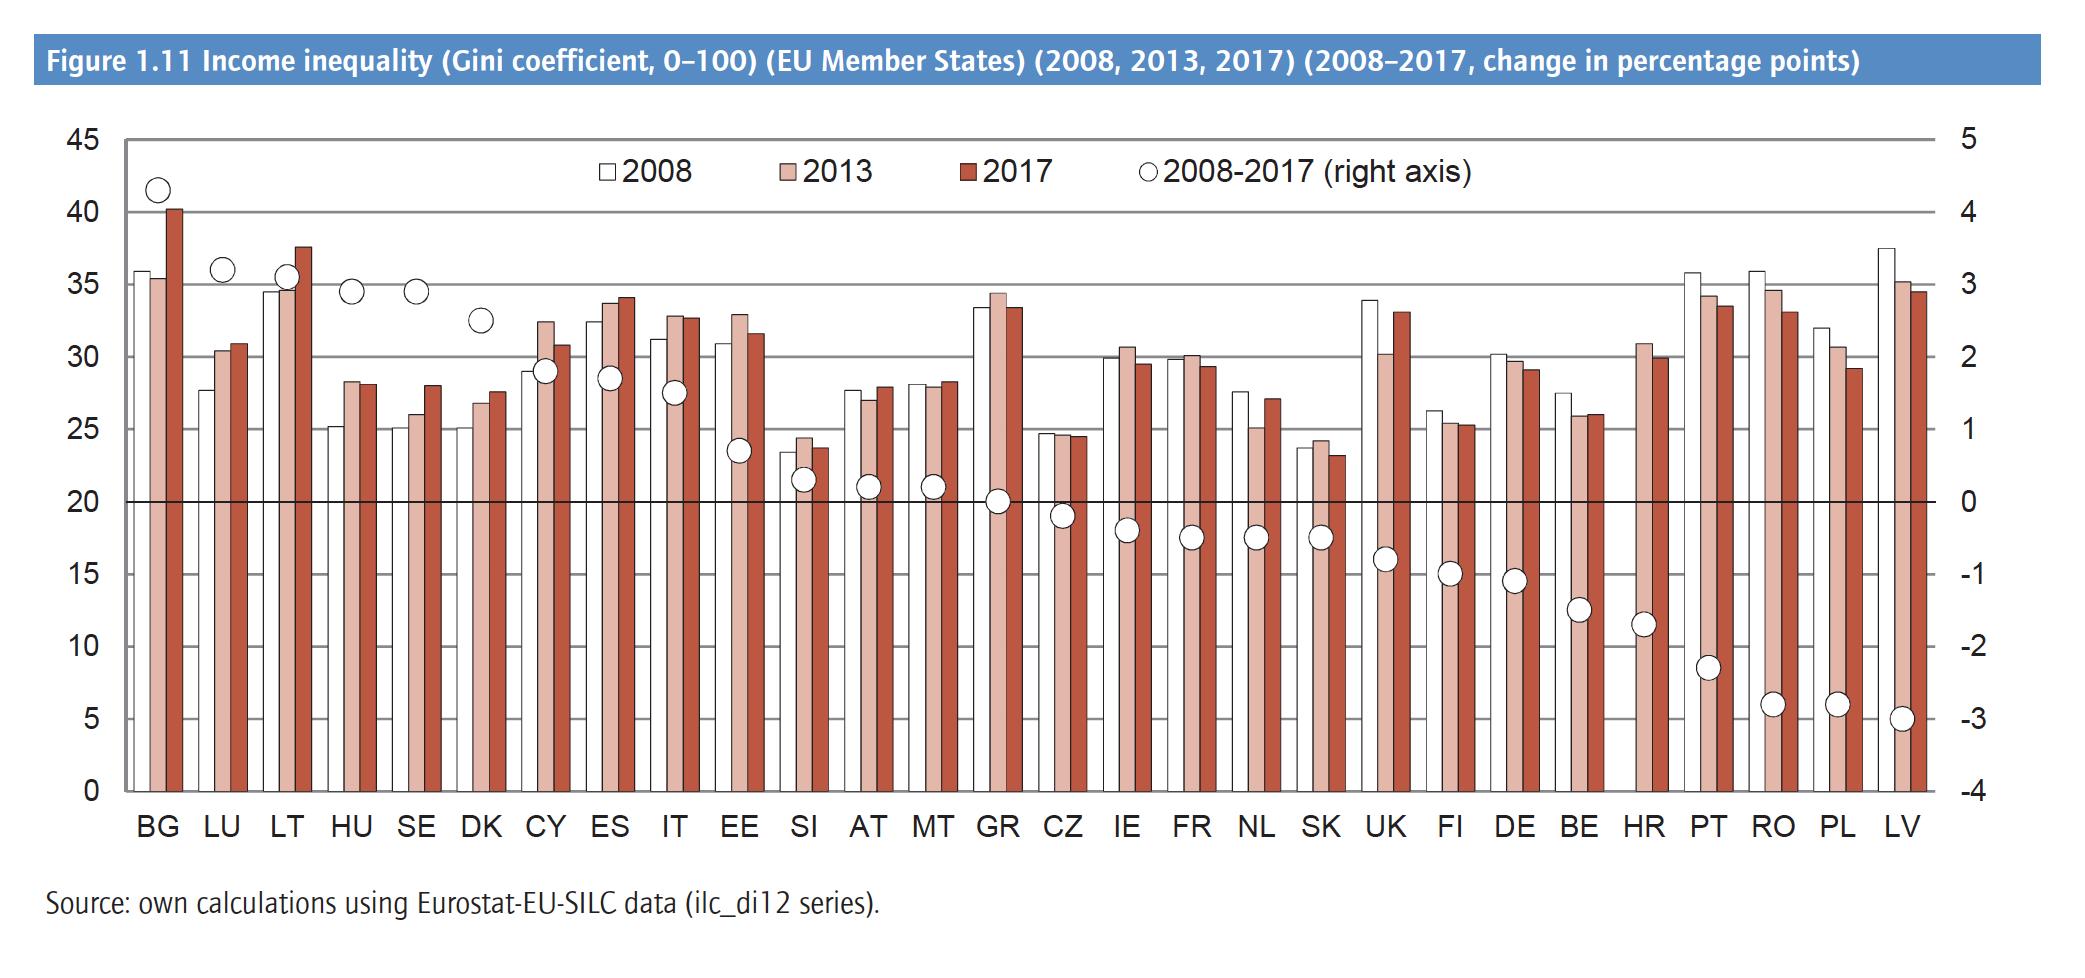 Disuguaglianze di salari in aumento in Italia